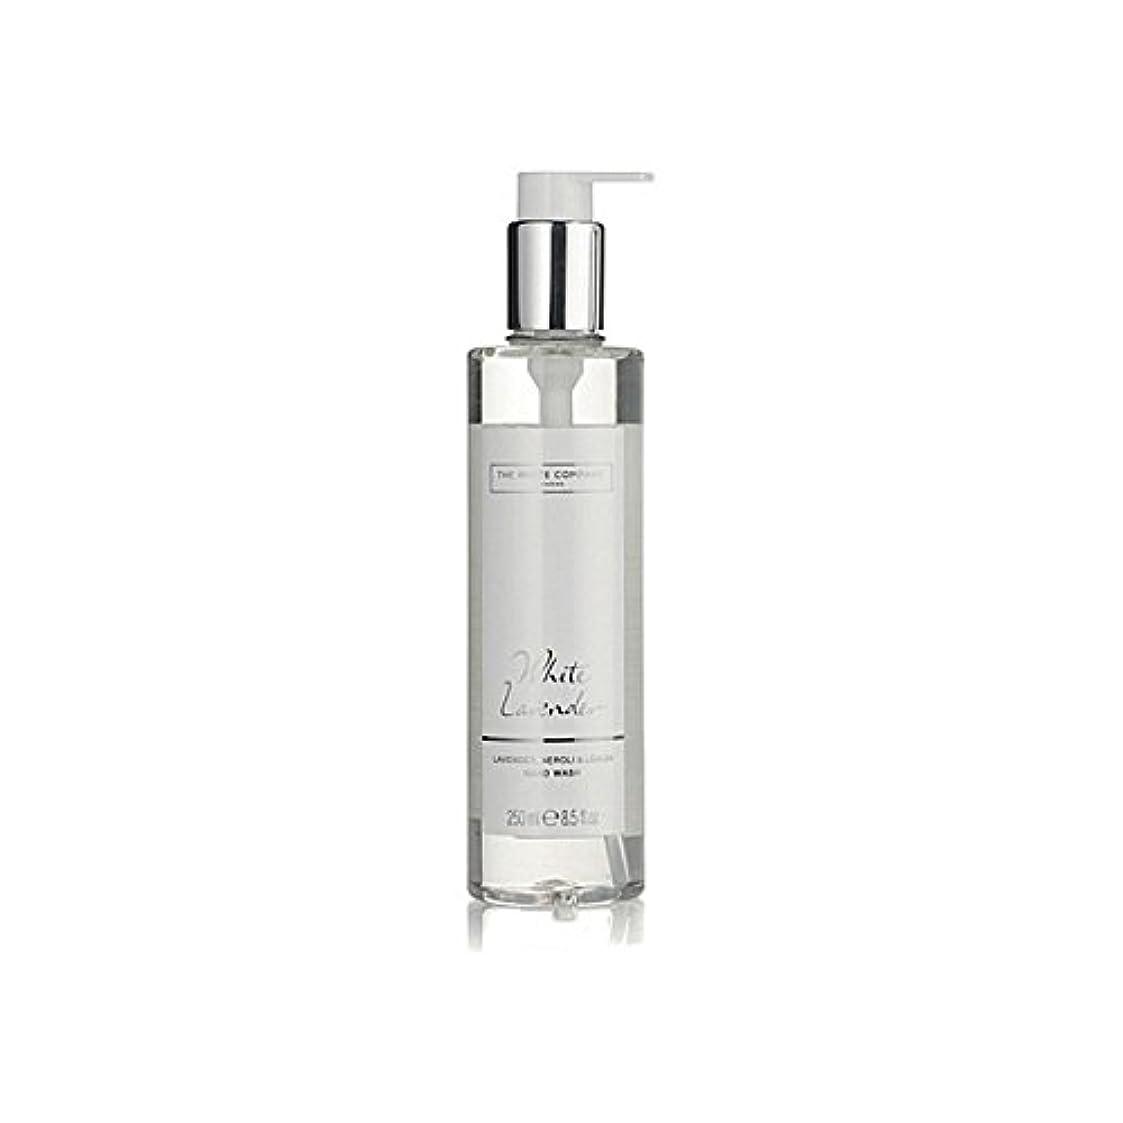 揺れるカナダノベルティ白同社白ラベンダーハンドウォッシュ x2 - The White Company White Lavender Hand Wash (Pack of 2) [並行輸入品]